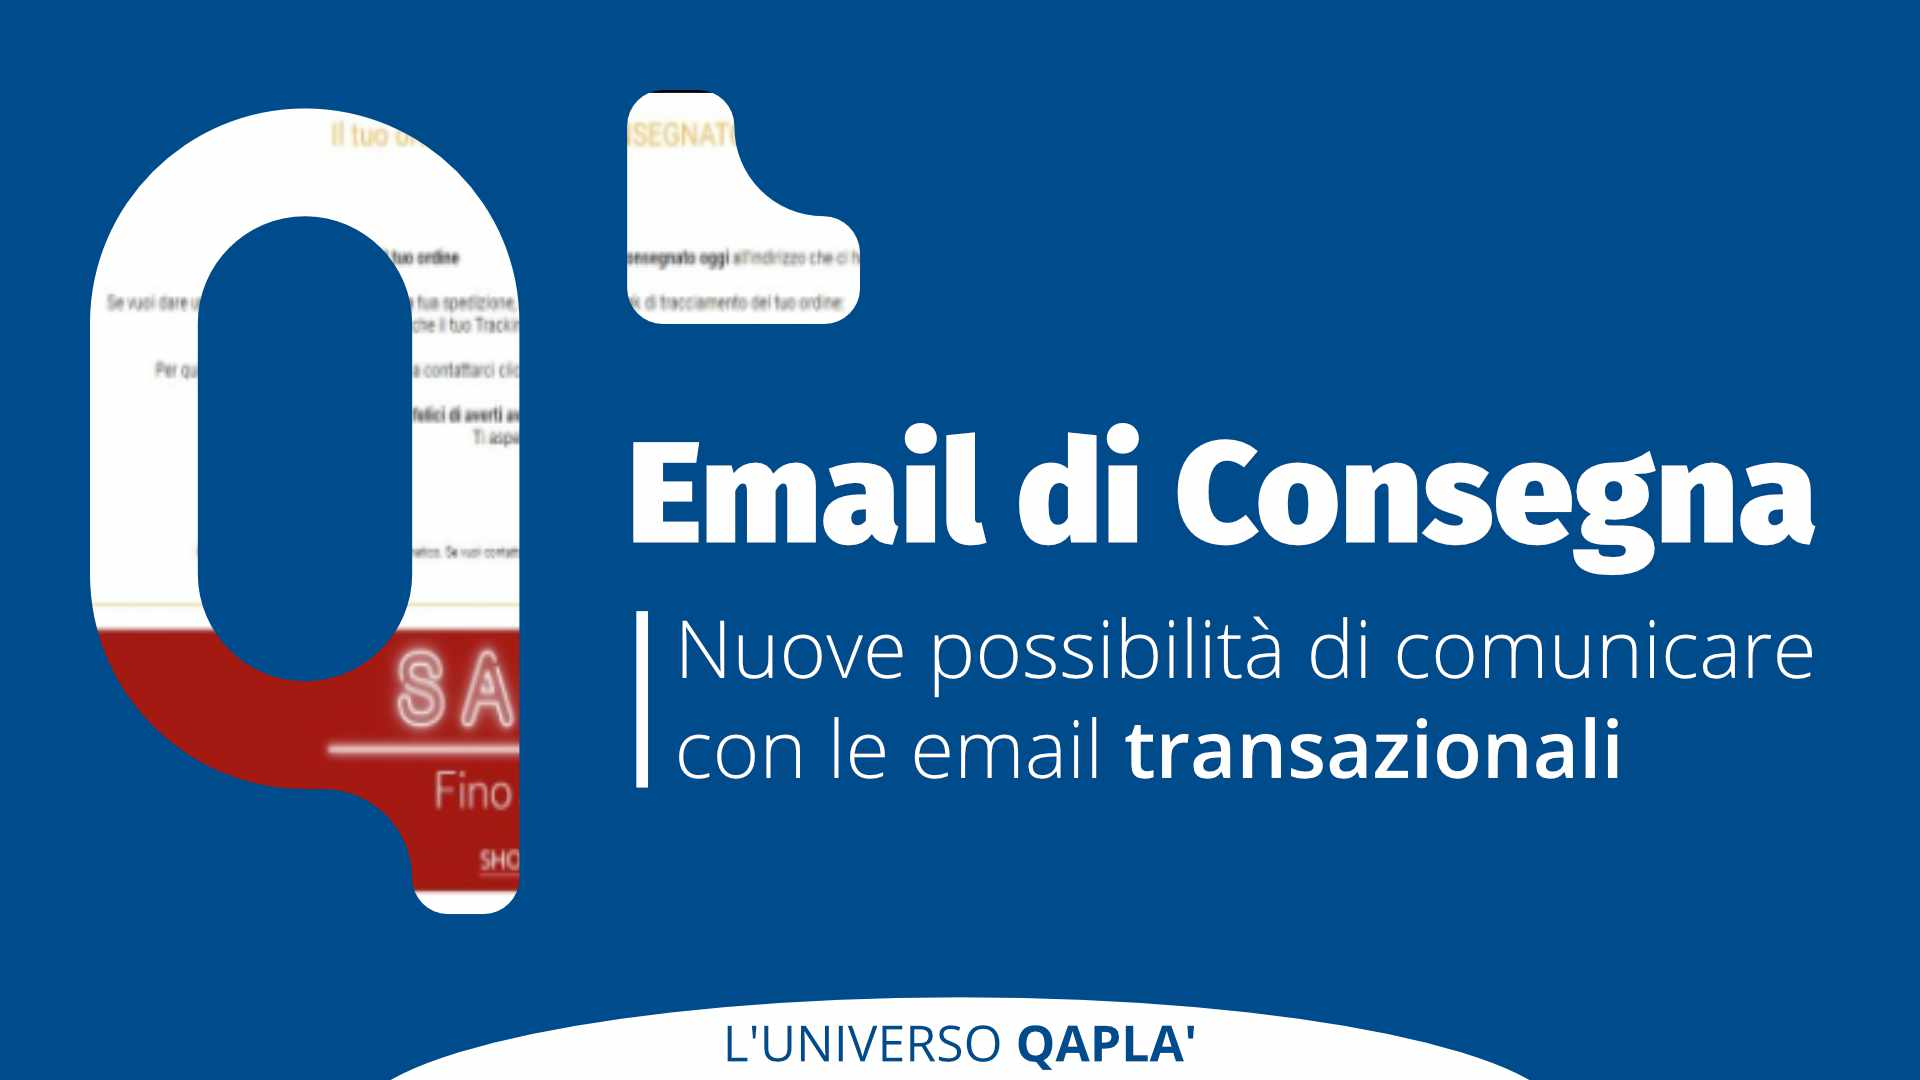 Email di Consegna: Nuove Possibilità